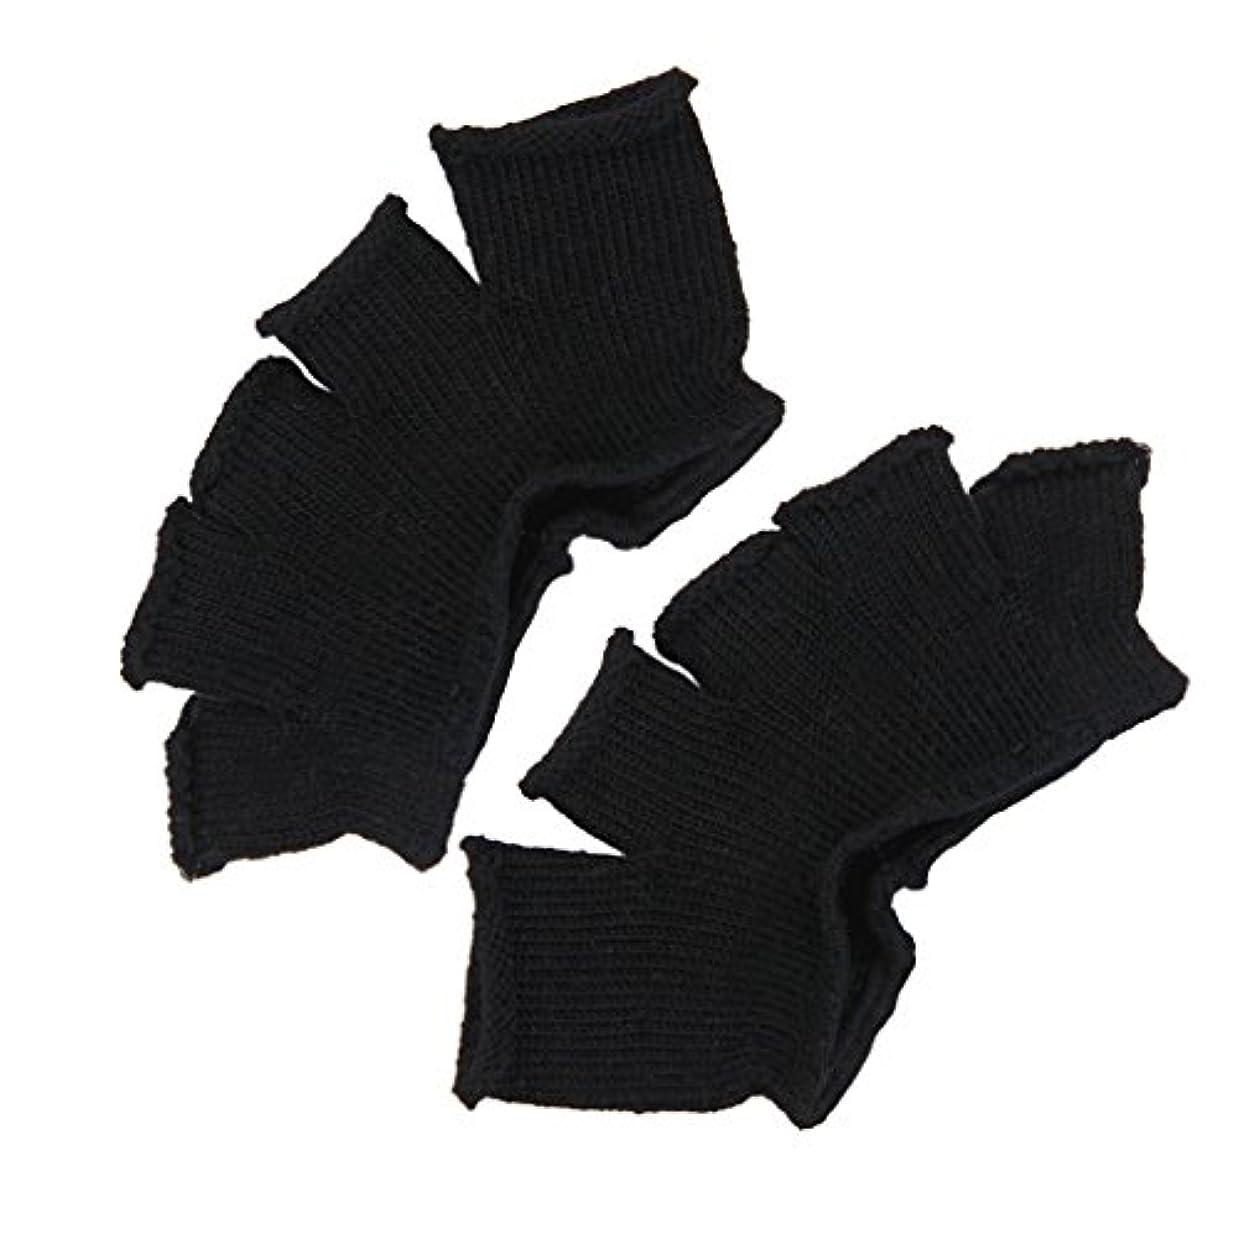 苦悩閉塞マスタードFootful 5本指カバー 爽快指の間カバー 2枚組 男女兼用 足の臭い対策 抗菌 防臭 フットカバー (ブラック)